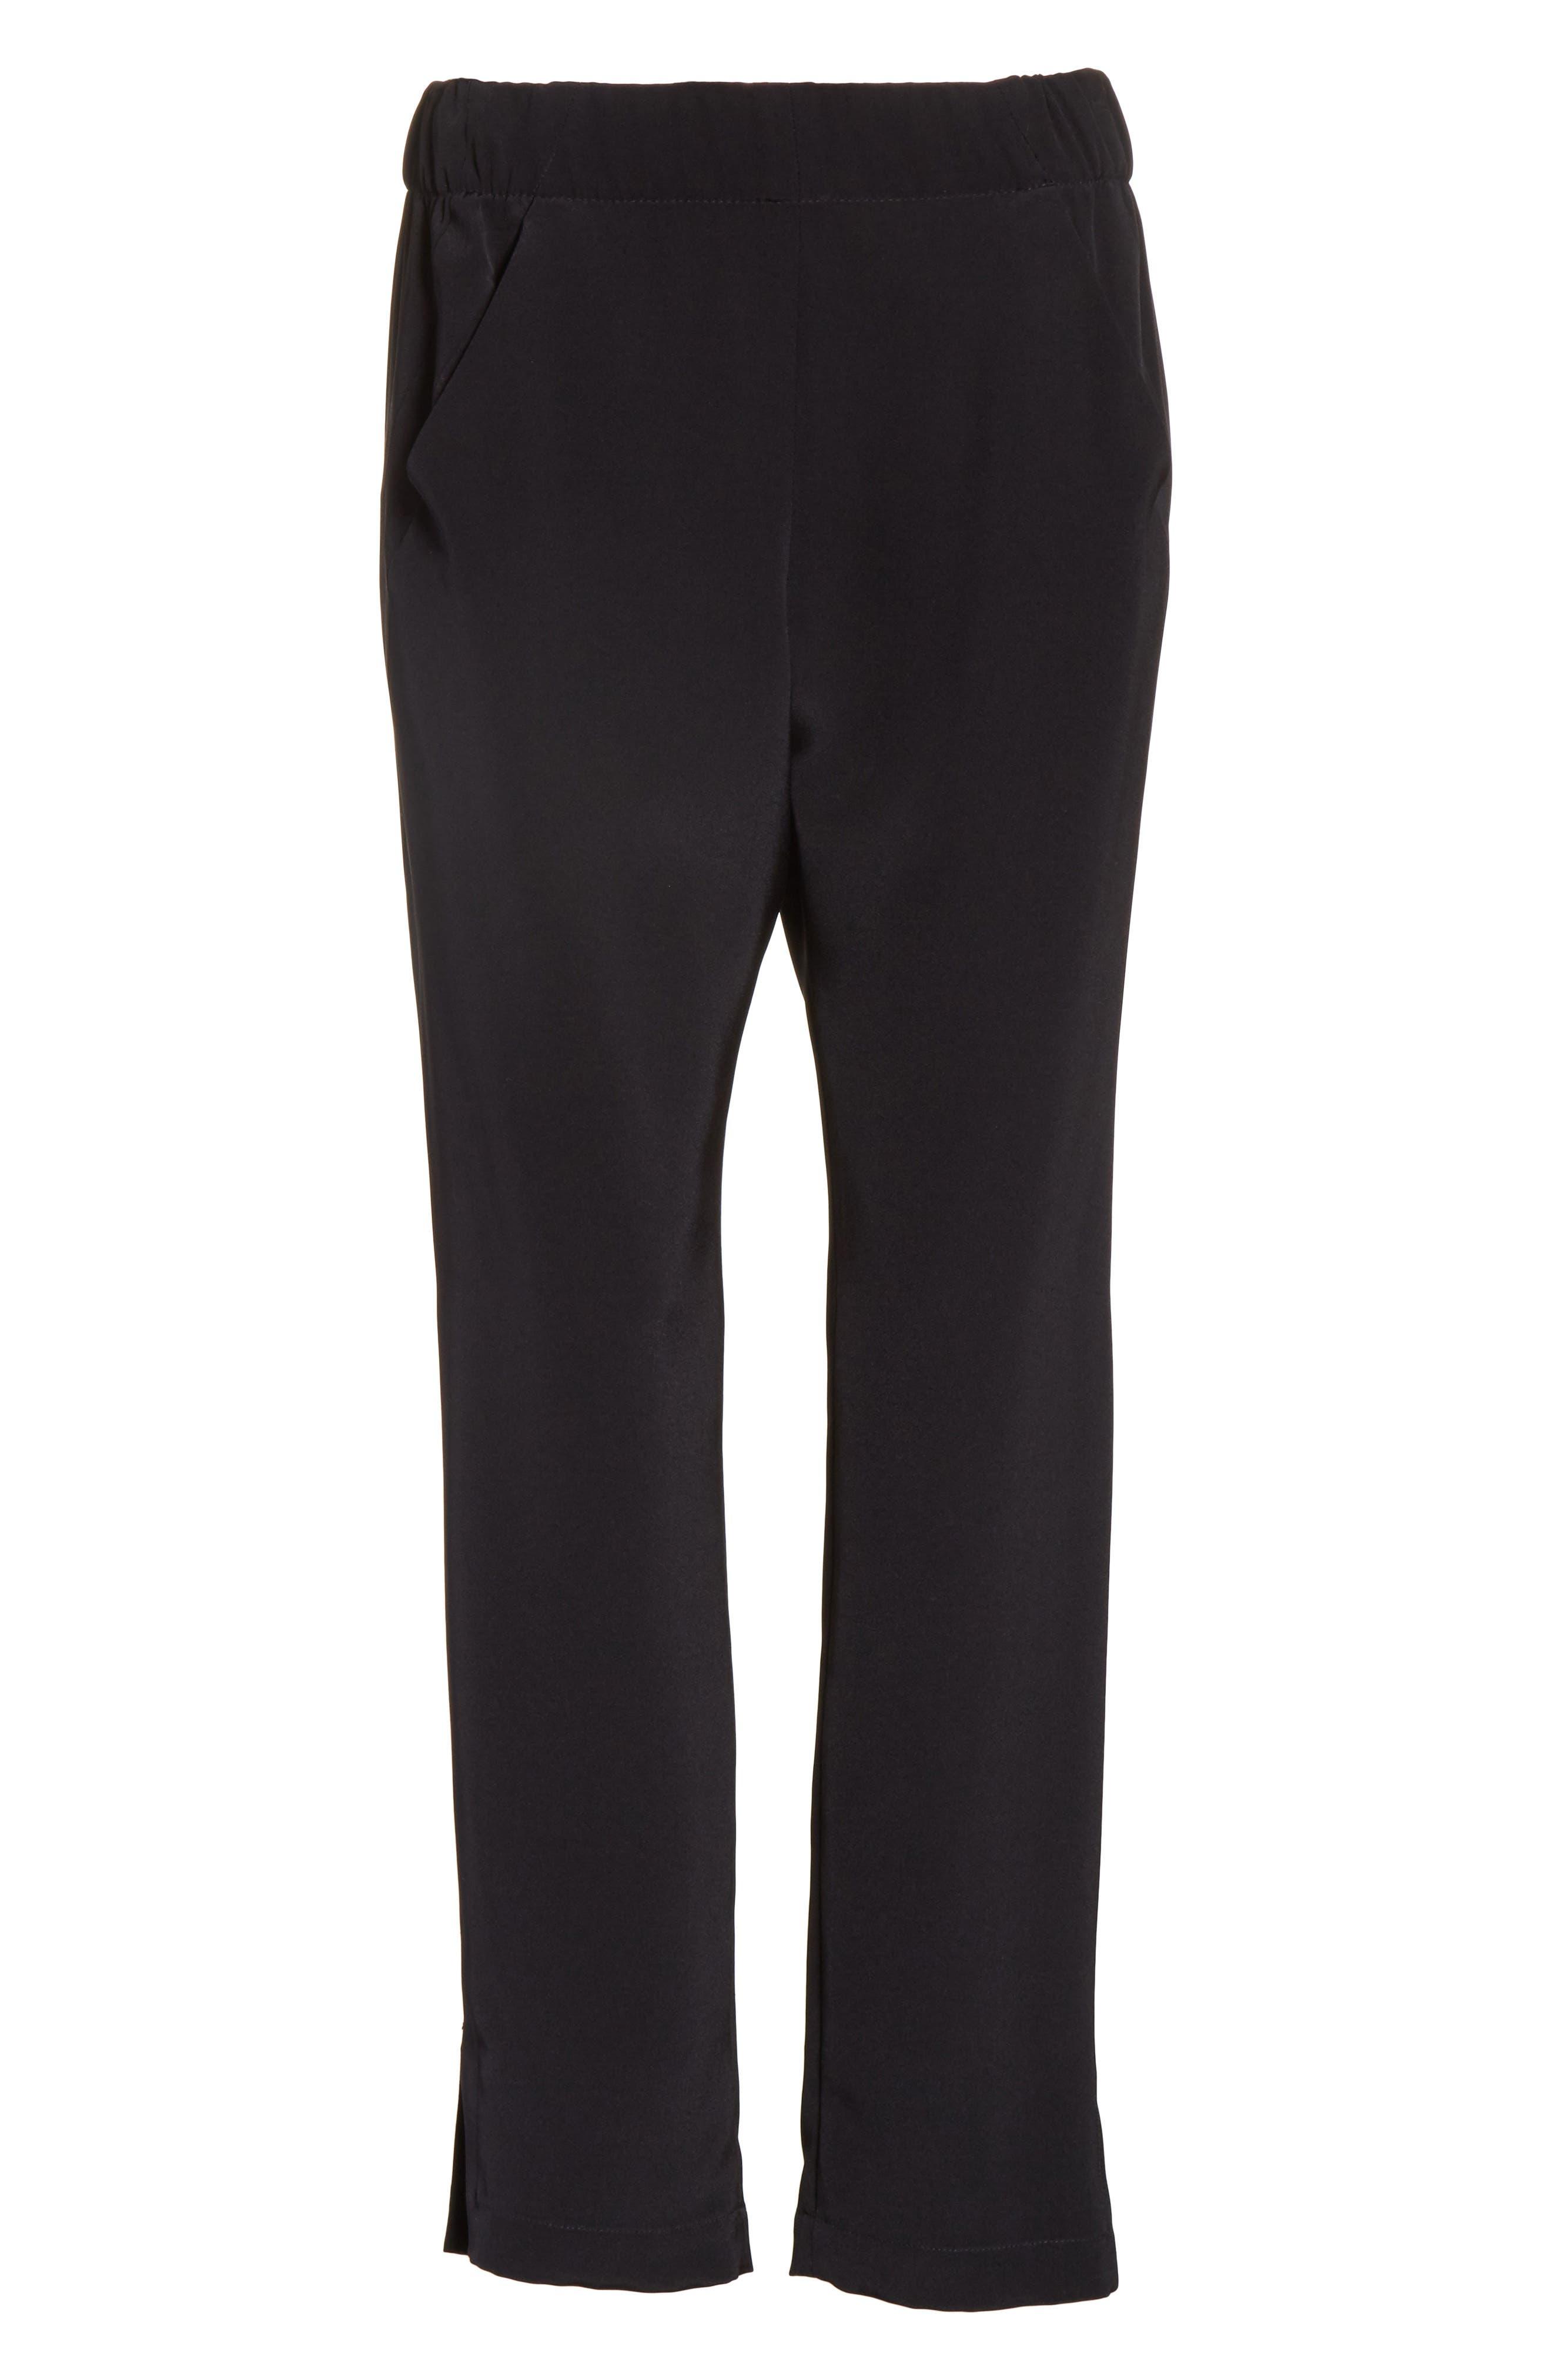 Elli Slim Leg Pants,                             Alternate thumbnail 6, color,                             Black